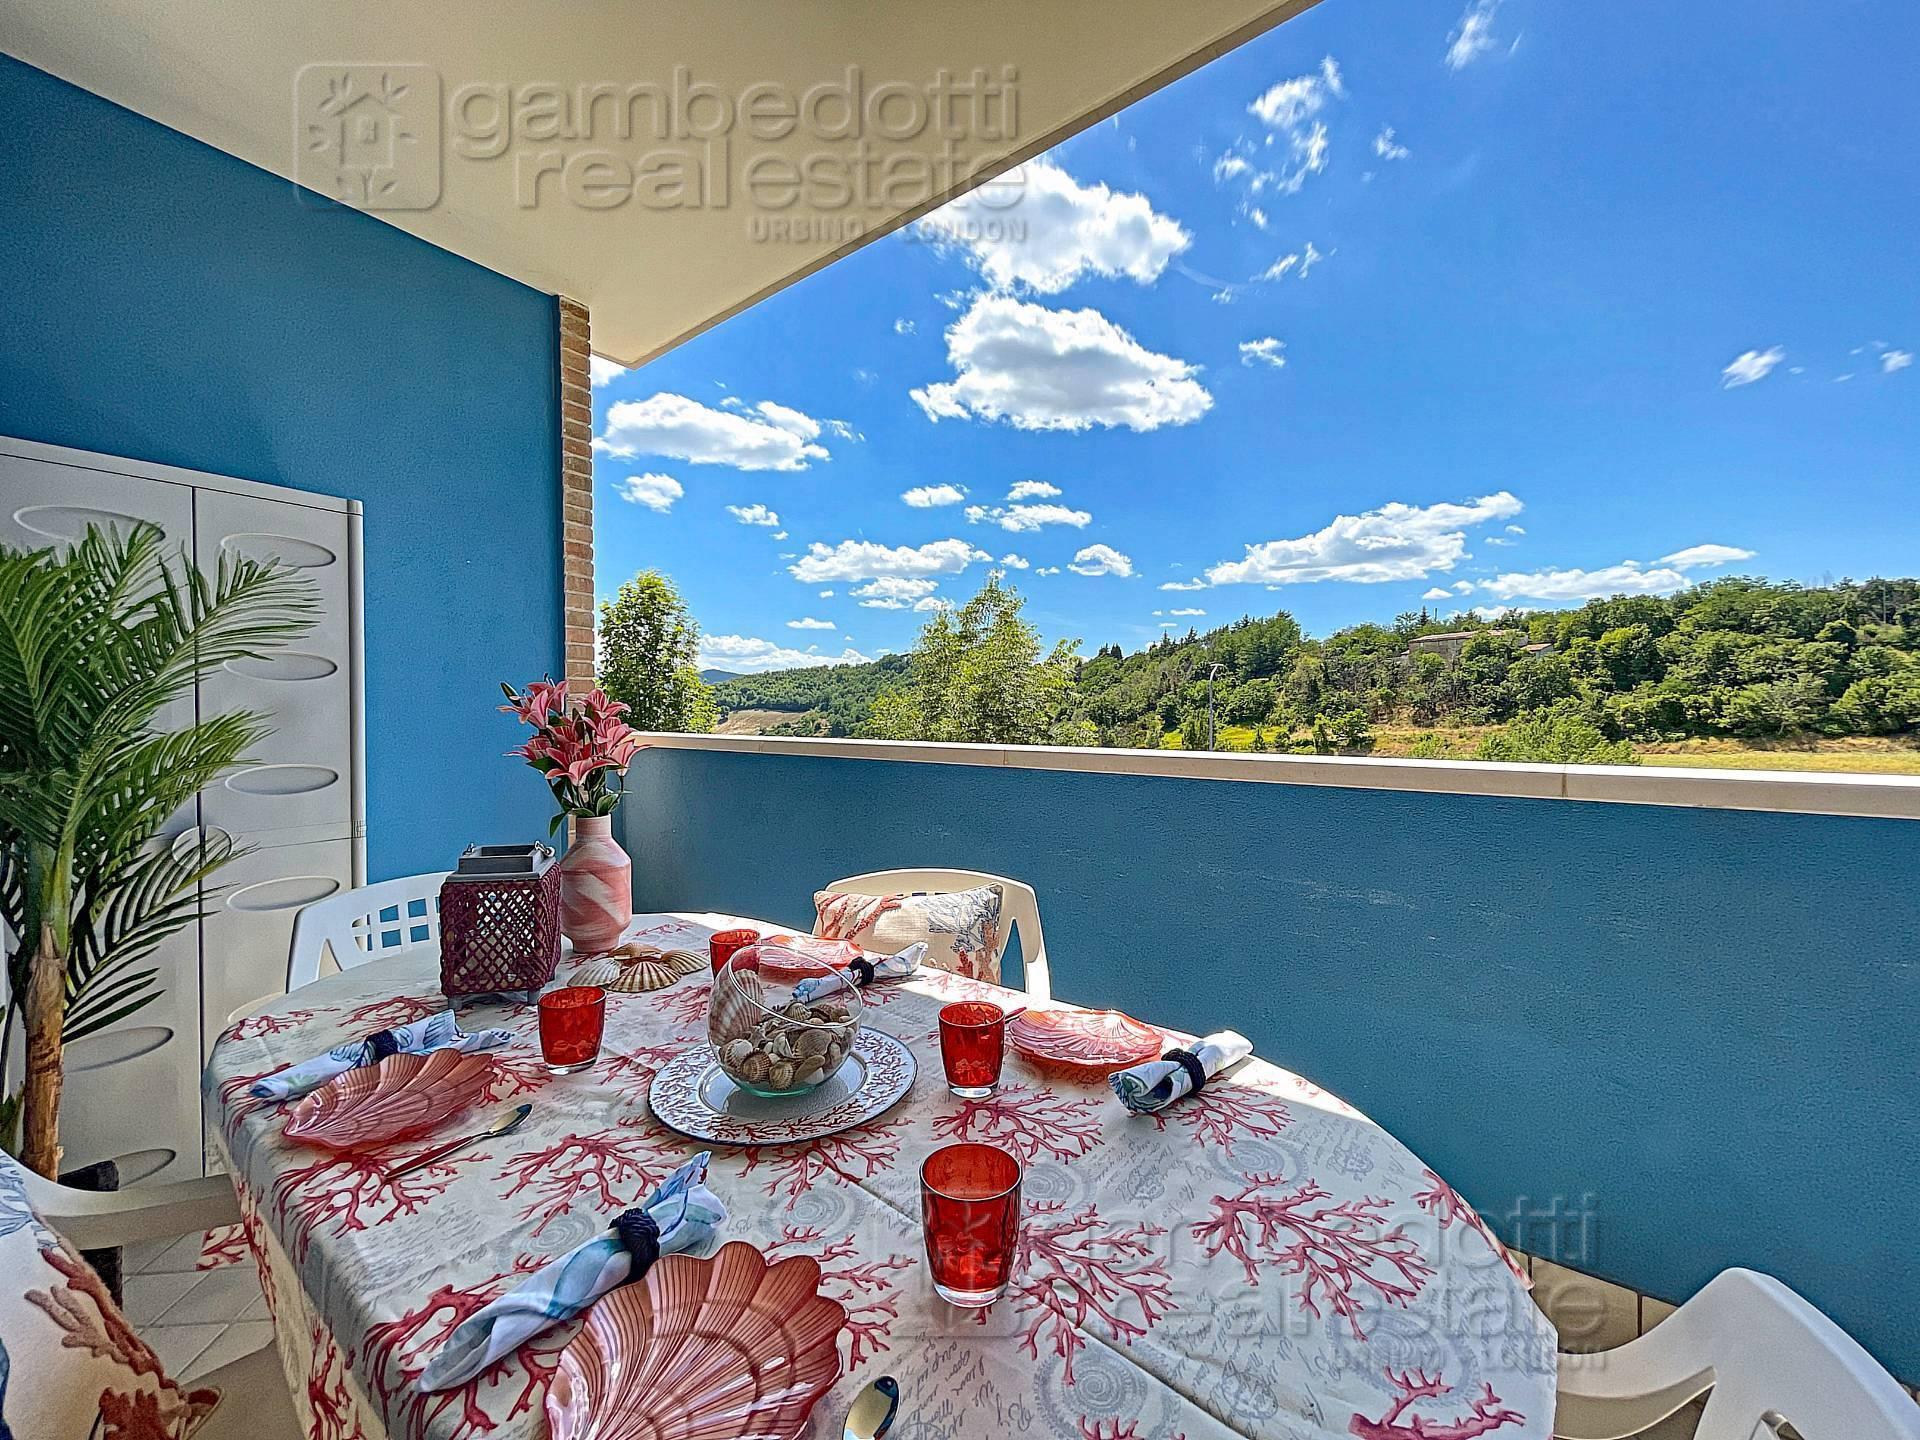 Appartamento in vendita a Urbino, 2 locali, zona Località: Ospedale, prezzo € 135.000 | PortaleAgenzieImmobiliari.it